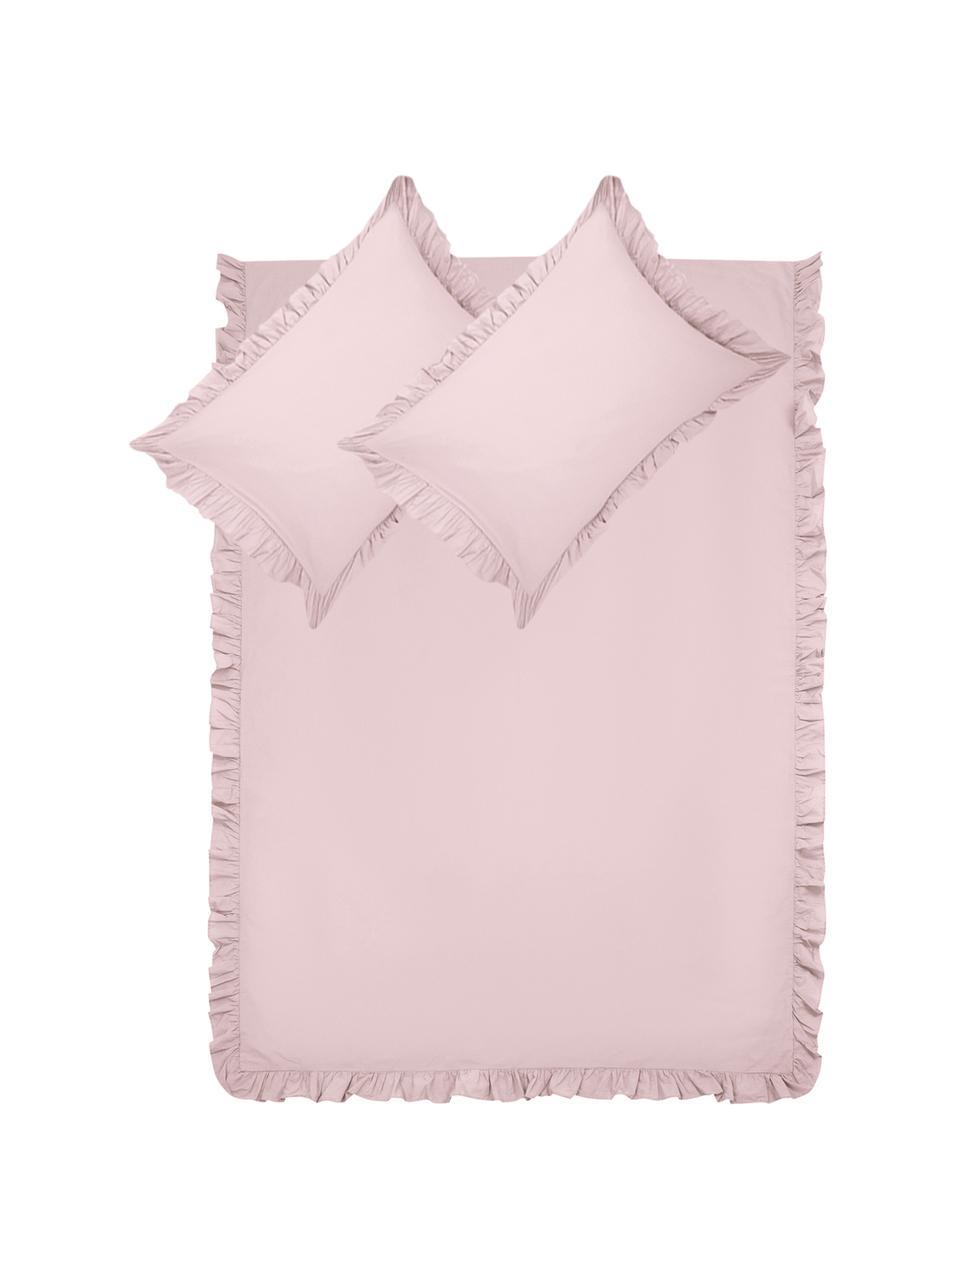 Parure copripiumino in cotone lavato Florence, Tessuto: percalle, Rosa, 255 x 200 cm